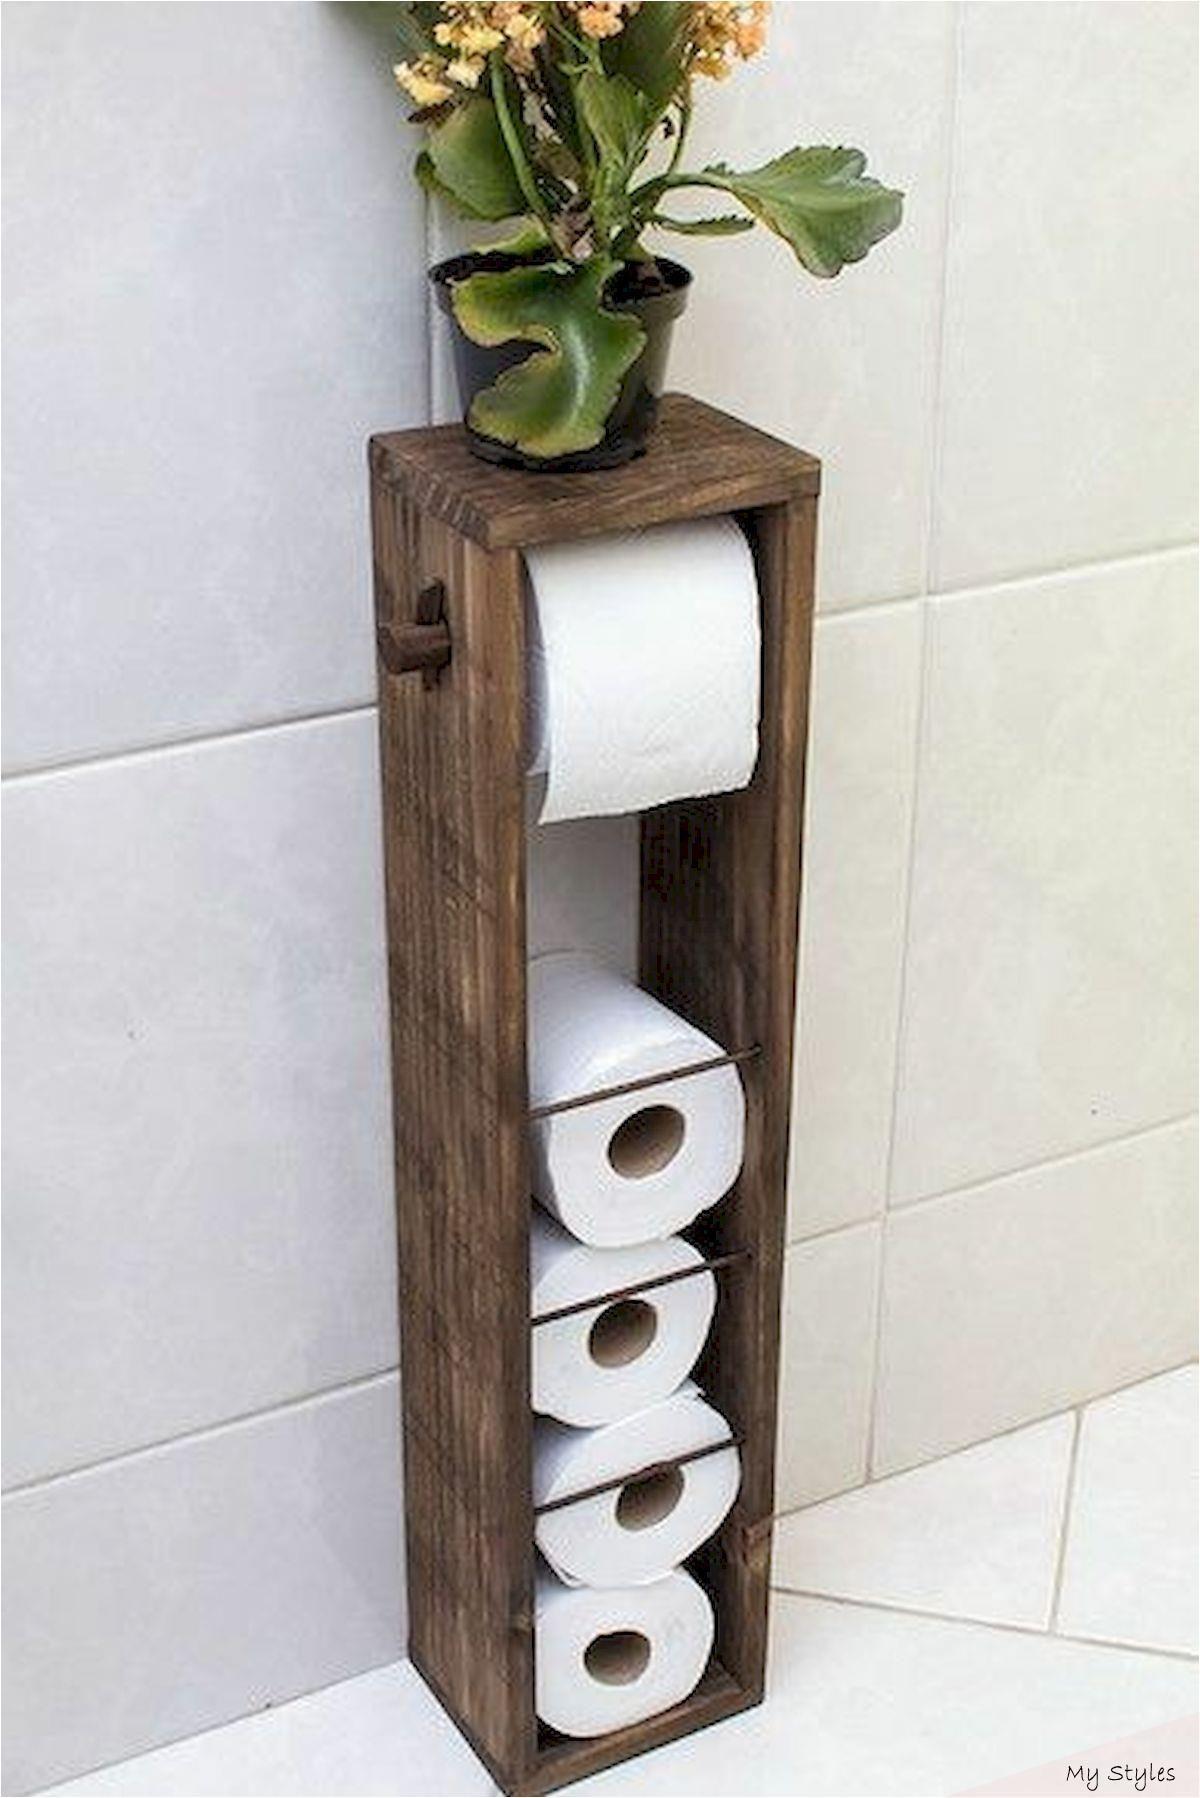 Photo of 45 Idee creative per porta carta igienica fai-da-te e idee di conservazione per il tuo bagno #Wrappin …